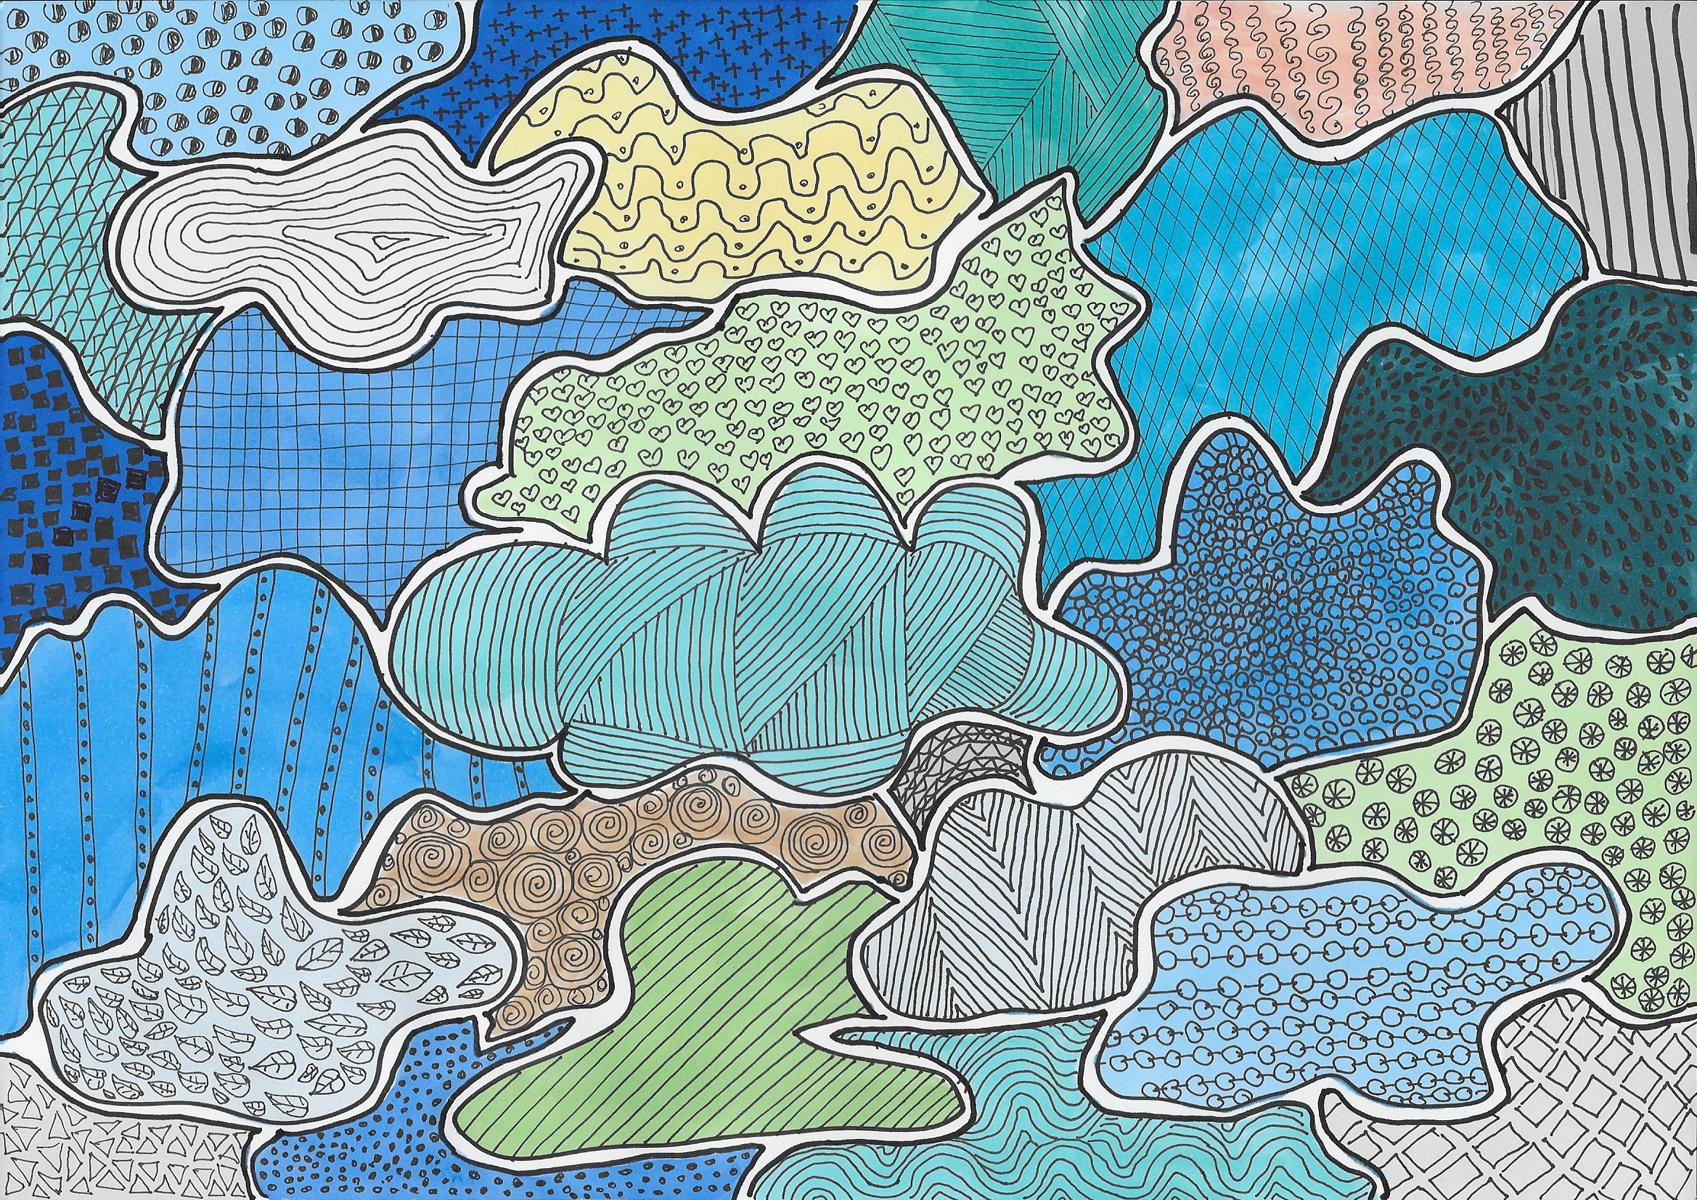 Wolken zeichnung, bild, Illustration